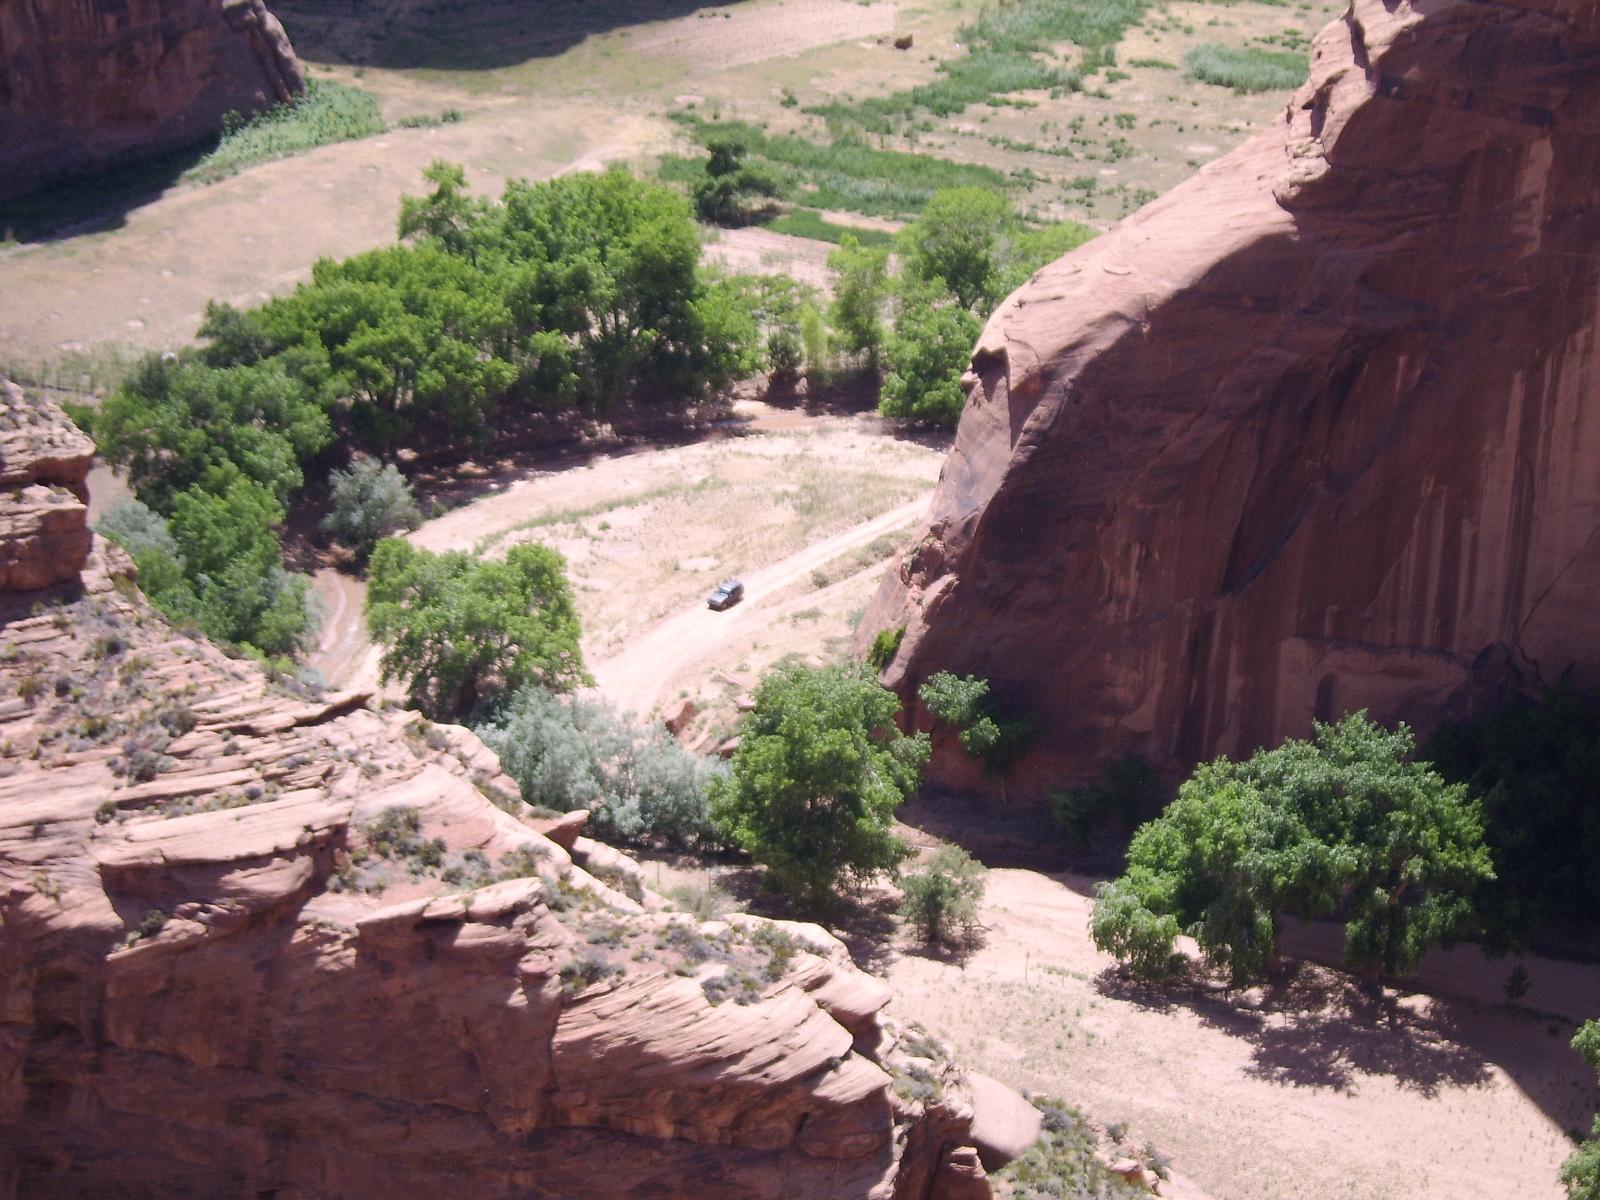 Canyon de Chelly, where de Navajo farm